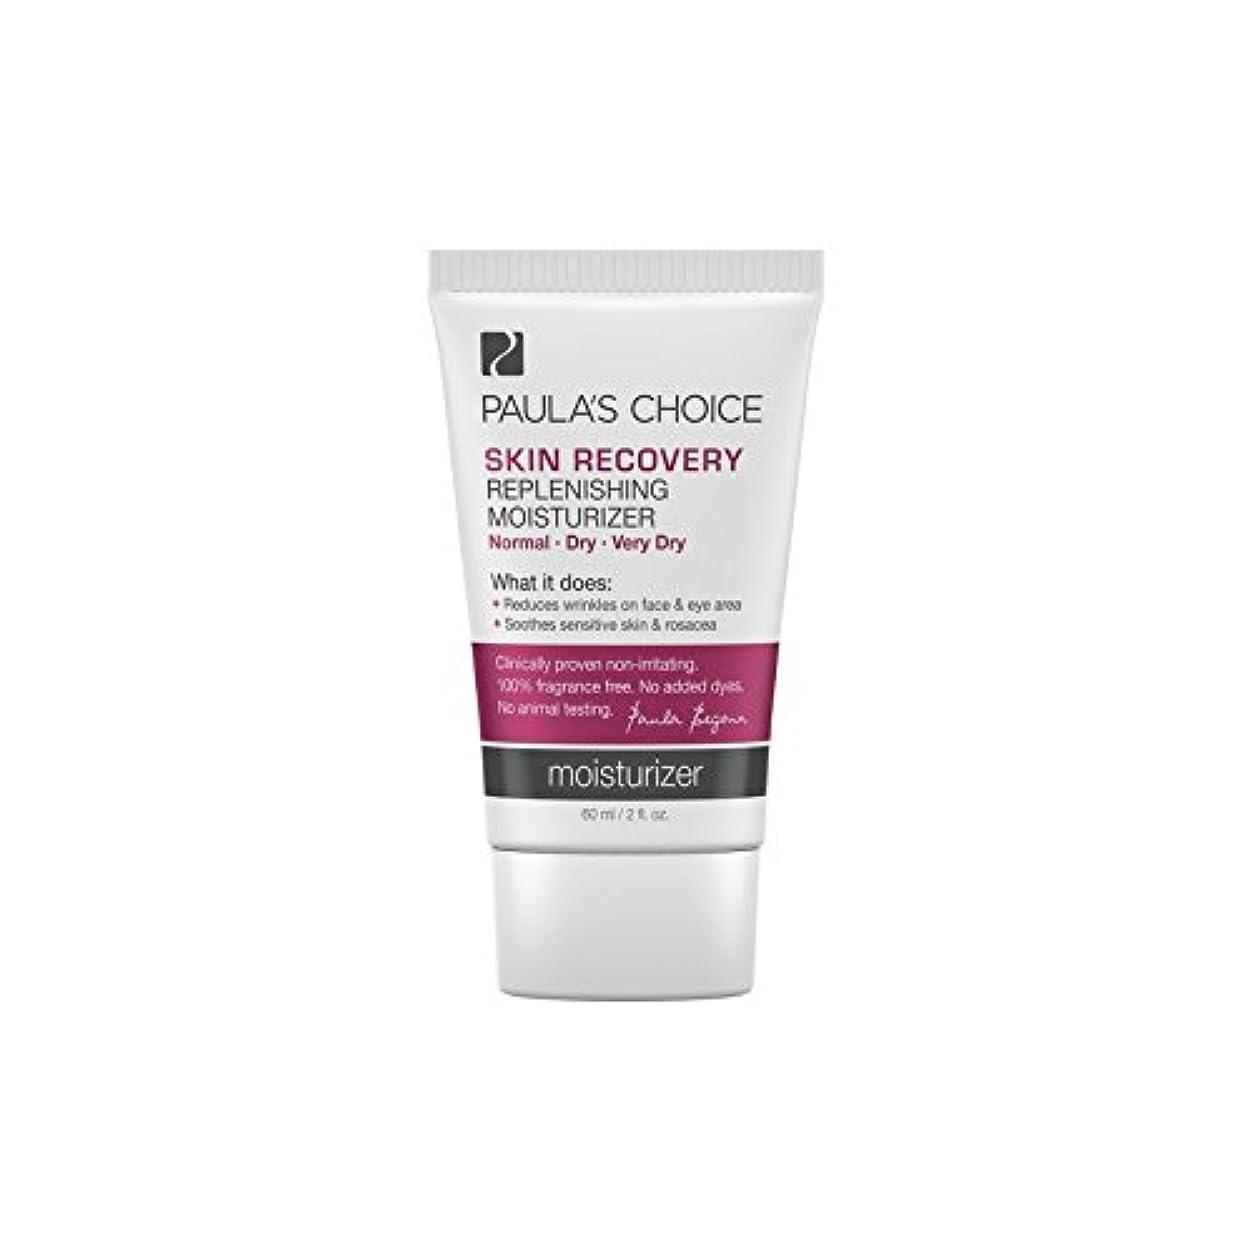 気付く同僚告発者ポーラチョイスの肌の回復補充保湿(60ミリリットル) x2 - Paula's Choice Skin Recovery Replenishing Moisturizer (60ml) (Pack of 2) [並行輸入品]